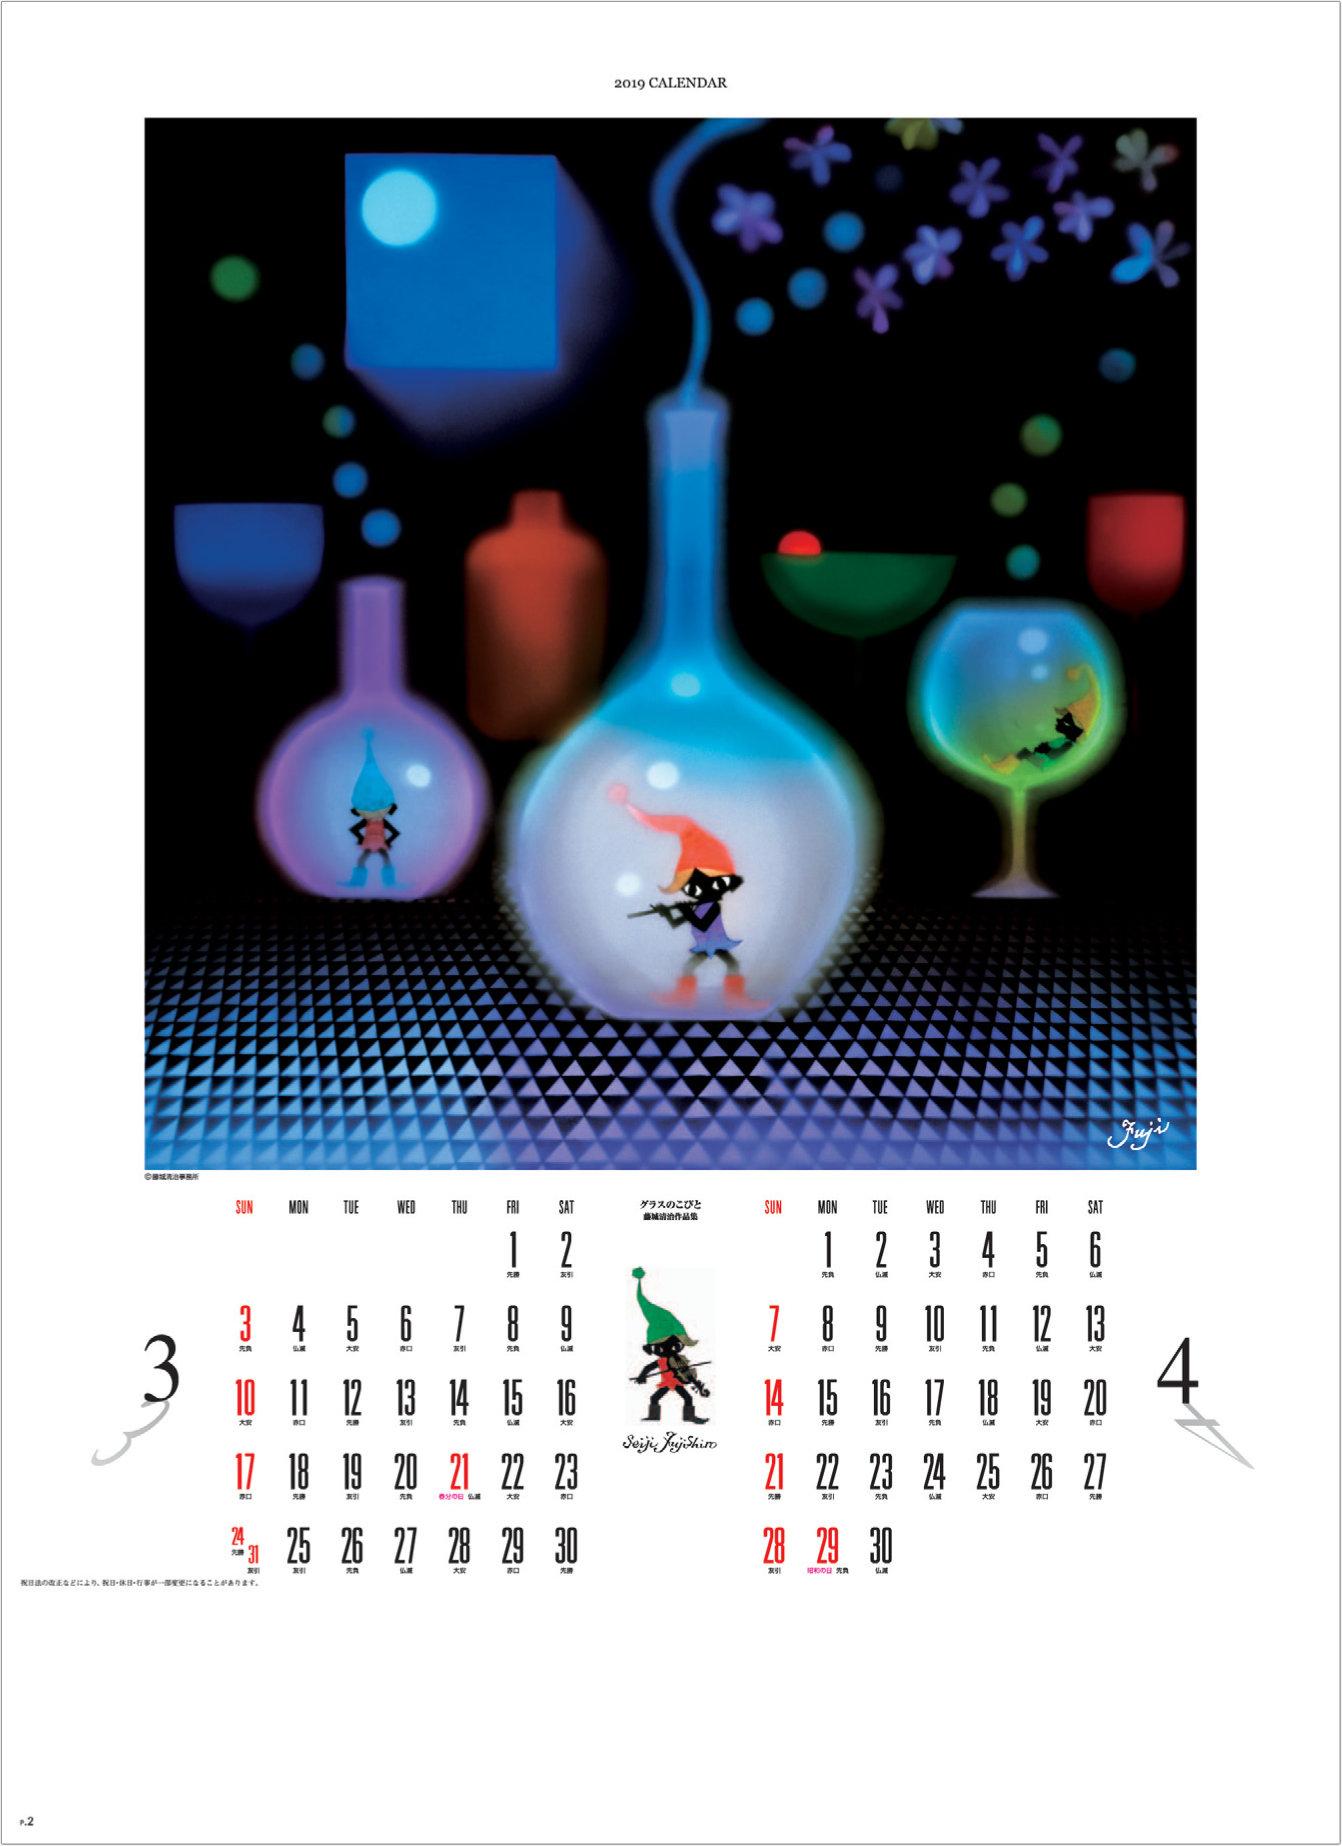 藤城清治作品「グラスのこびと」 遠い日の風景から(影絵)  藤城清治 2019年カレンダーの画像